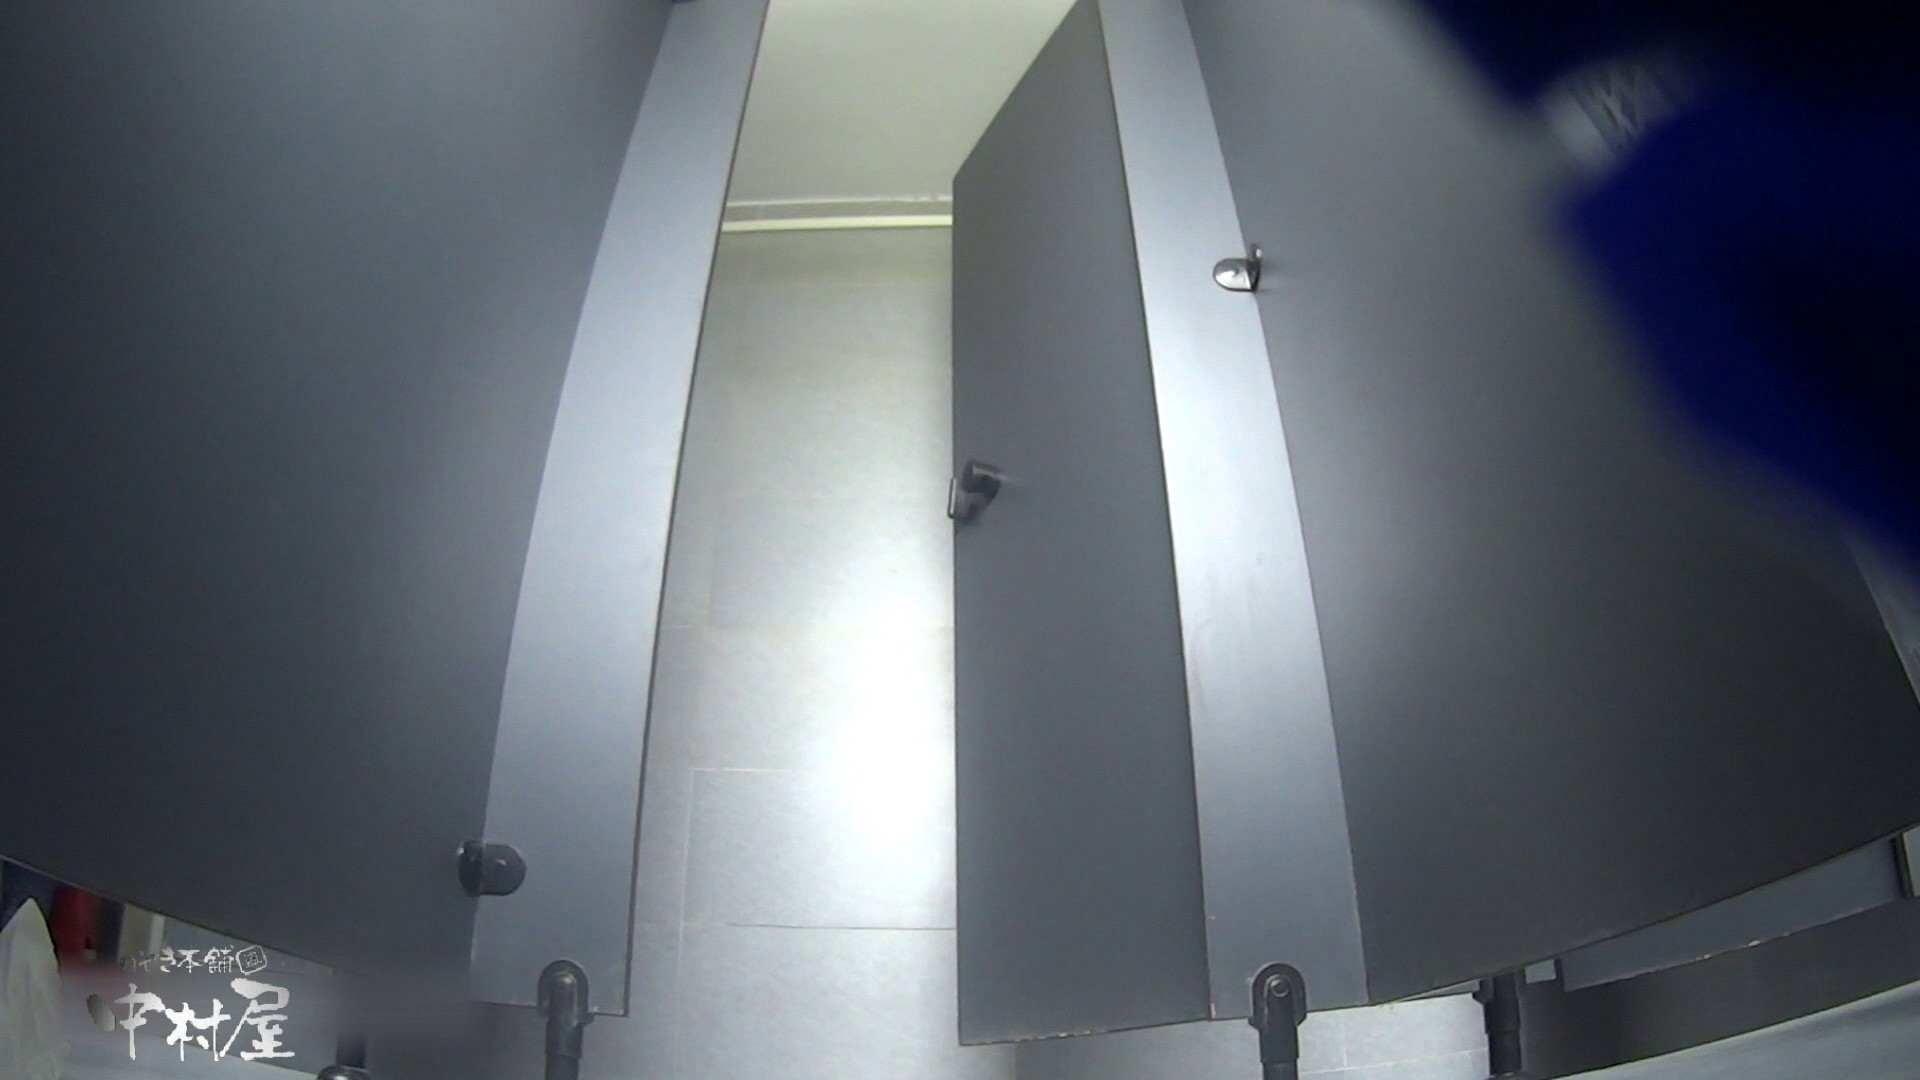 ツンデレお女市さんのトイレ事情 大学休憩時間の洗面所事情32 洗面所編 盗撮画像 110PIX 87